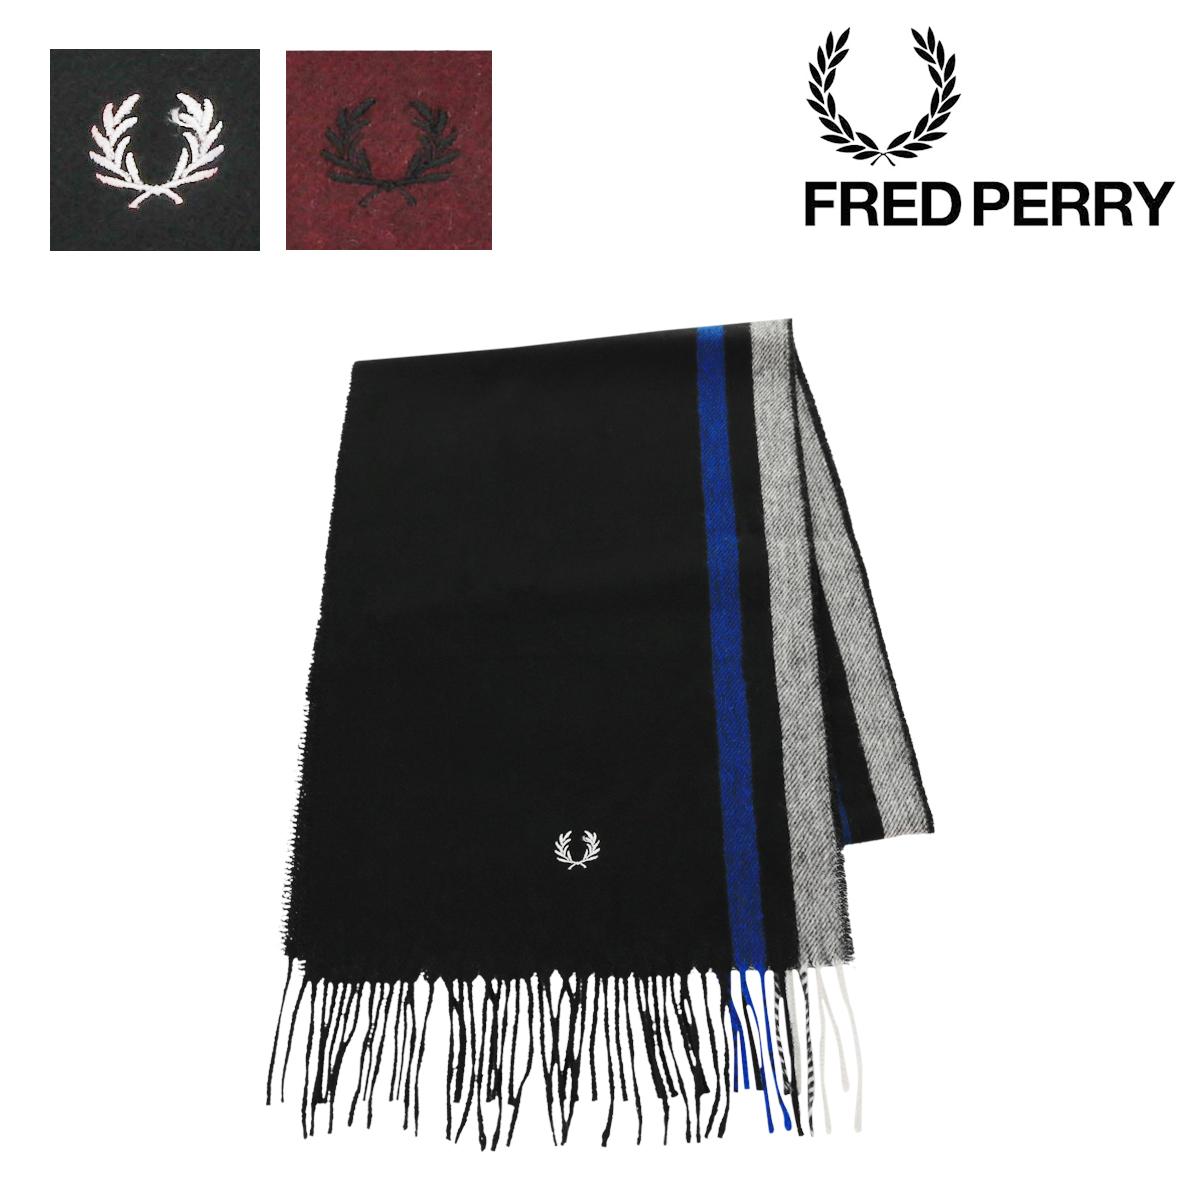 フレッドペリー マフラー ティップドウーヴンスカーフ メンズ レディース C7158 FRED PERRY | シンプル[即日発送]